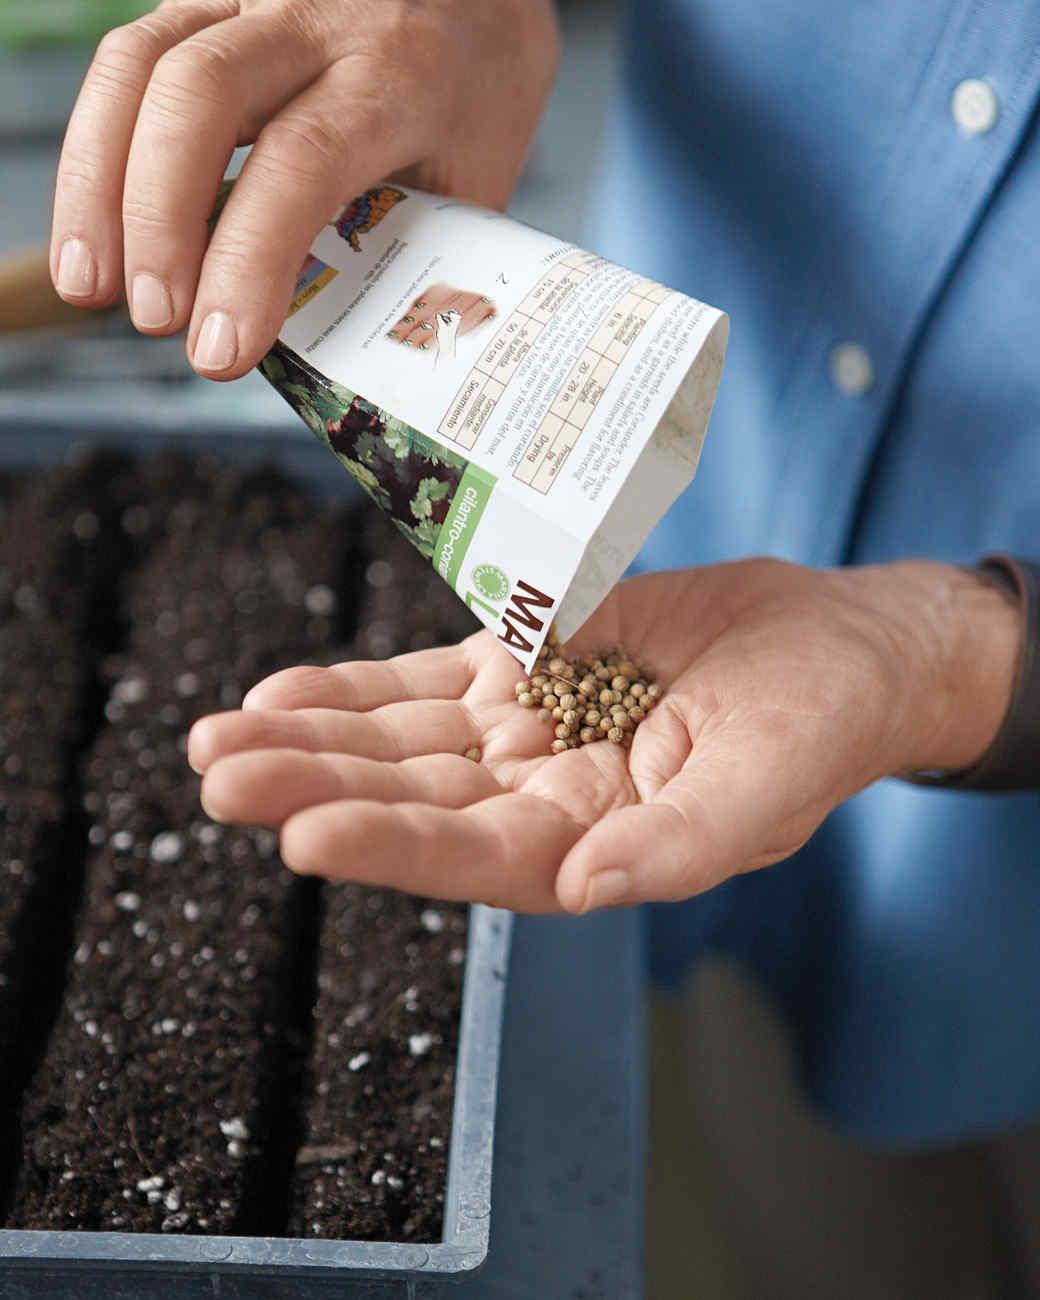 seed-sowing-2-mld108042.jpg